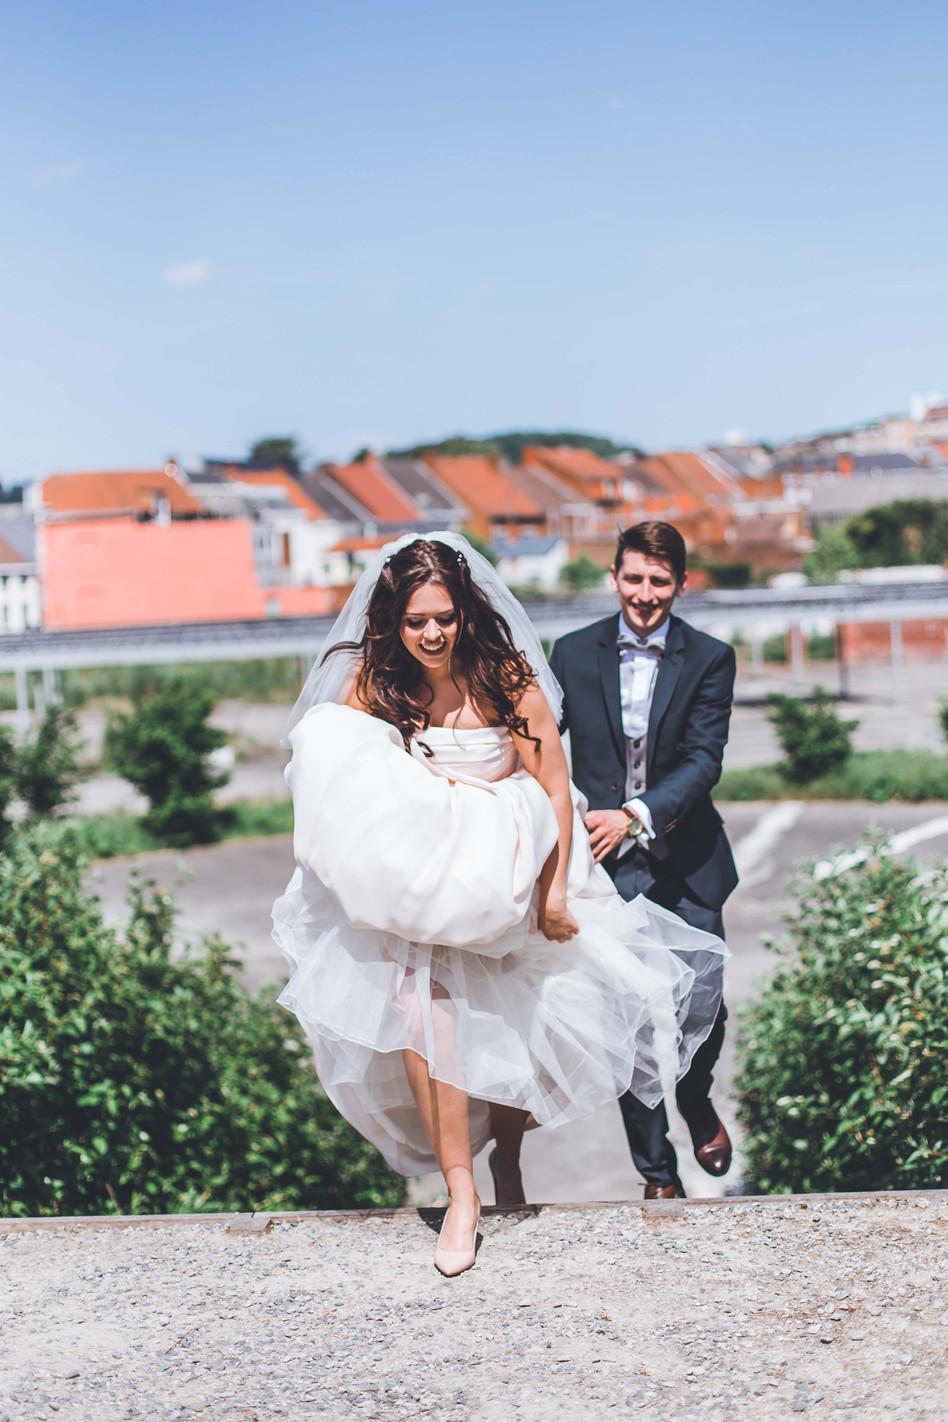 huwelijksfotografie58.jpg